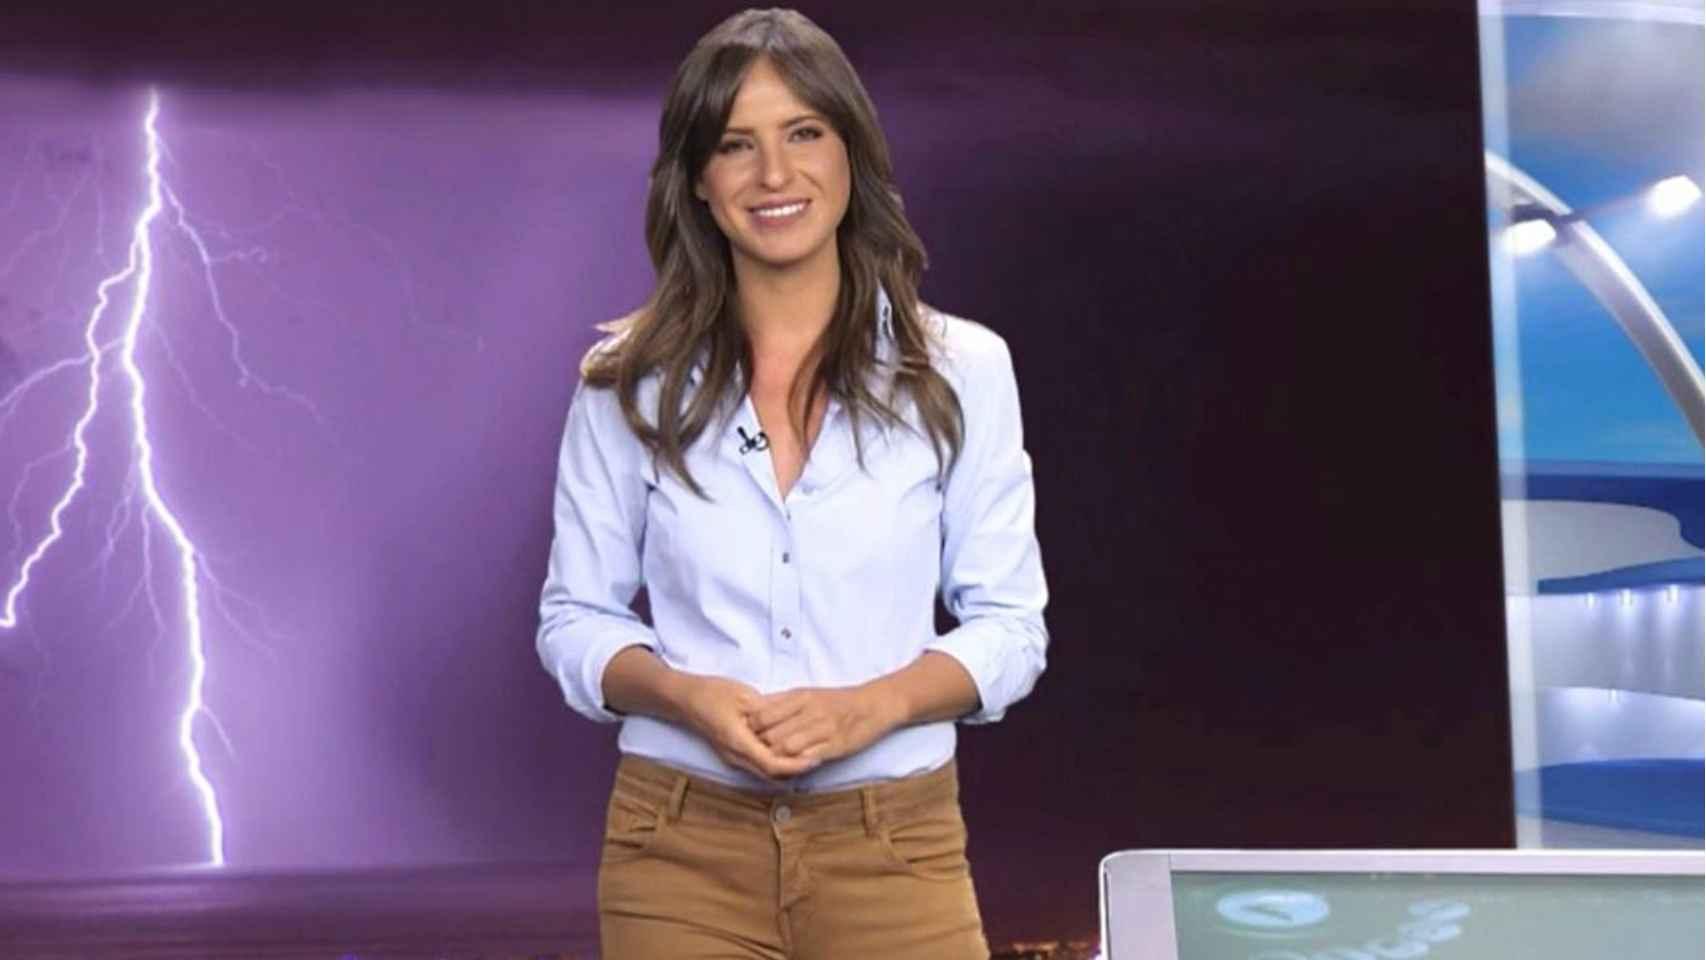 Carmen Corazzini es una de las meteorólogas de cabecera de Mediaset.